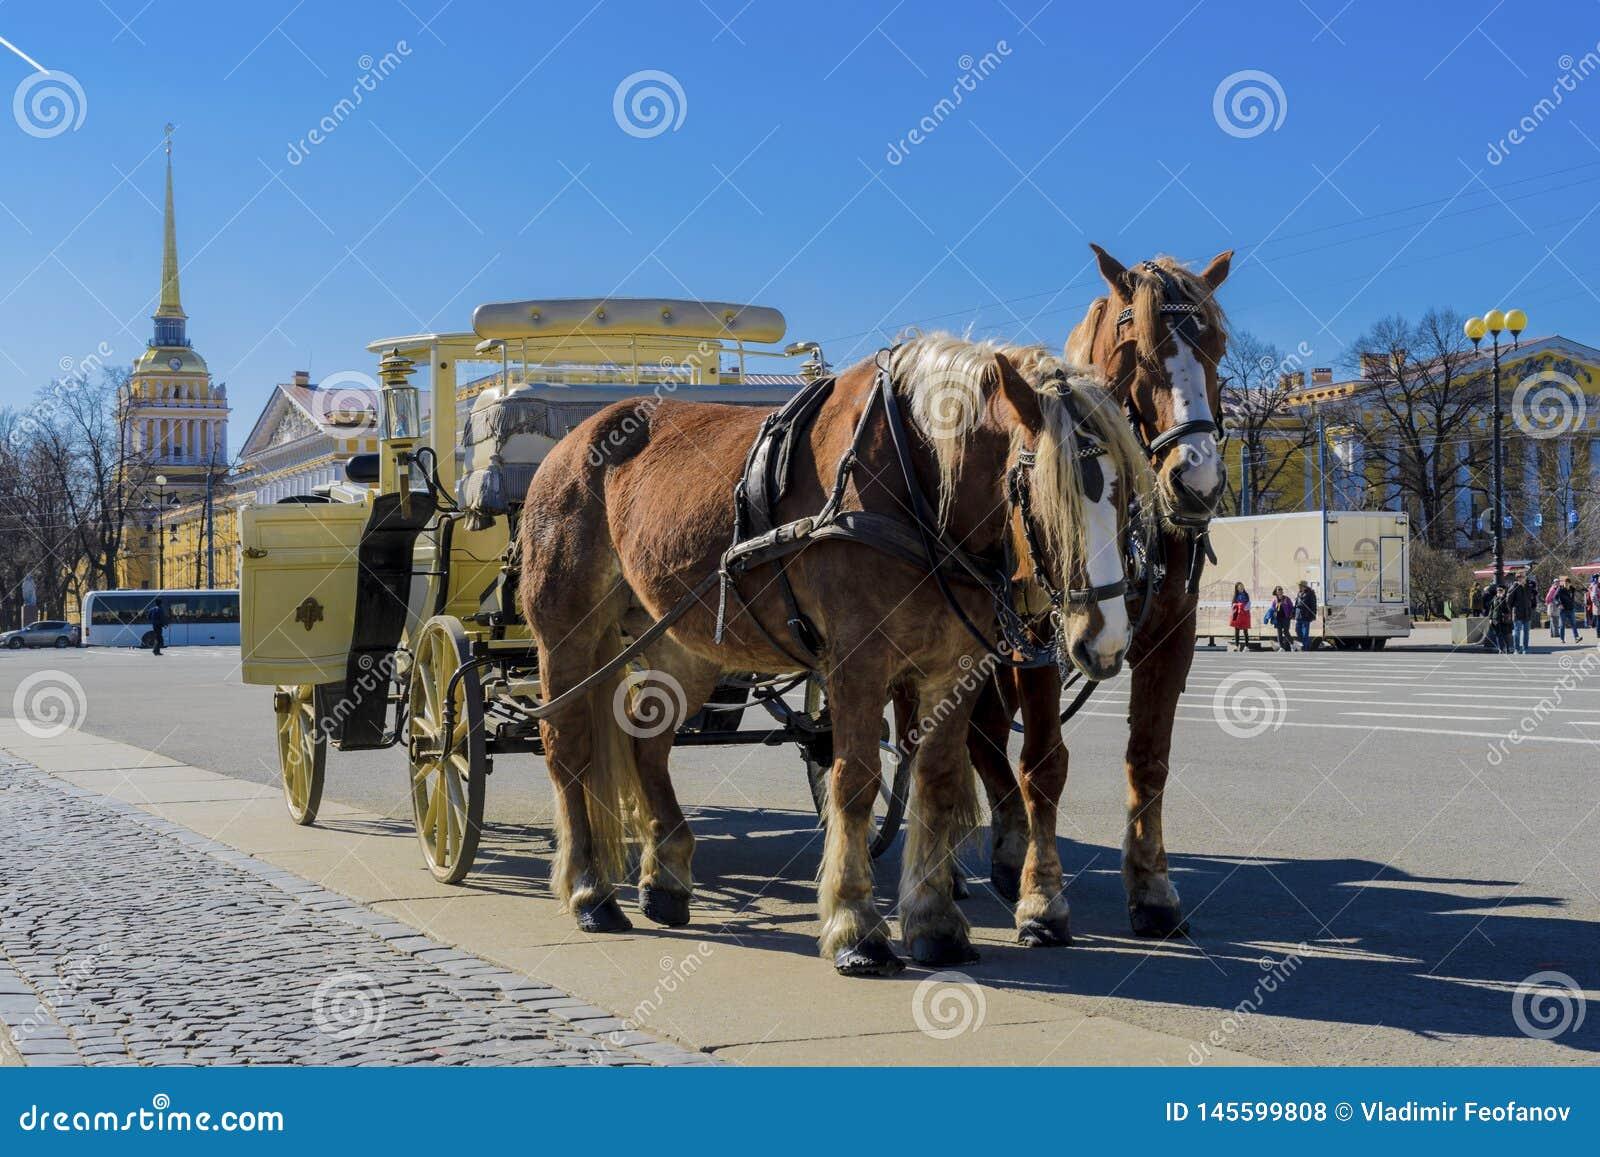 Παλαιά αναδρομική μεταφορά μπροστά από το μουσείο ερημητηρίων χειμερινών παλατιών στο τετράγωνο παλατιών στη Αγία Πετρούπολη, Ρωσ